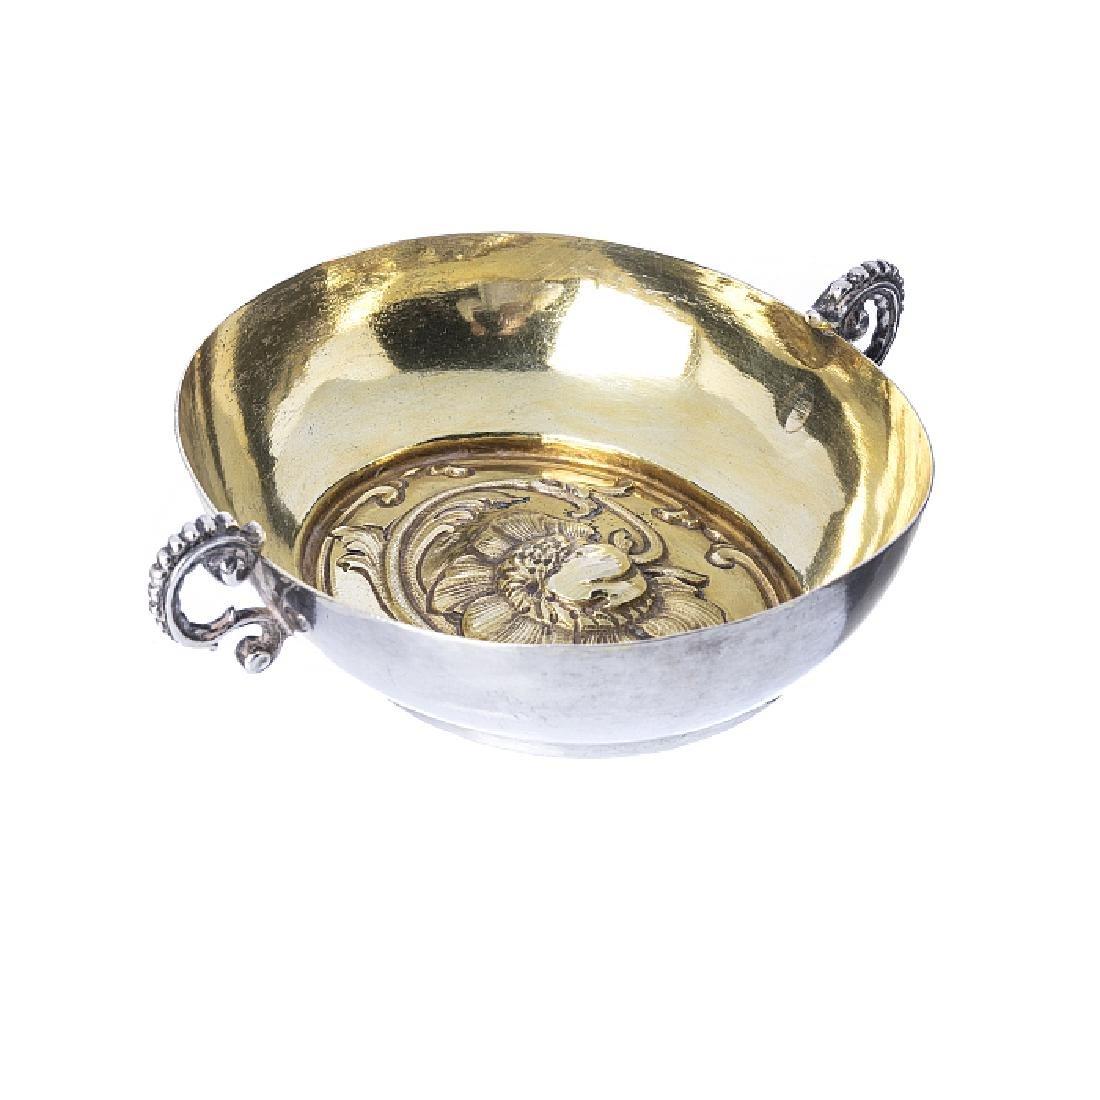 Porringer in silver